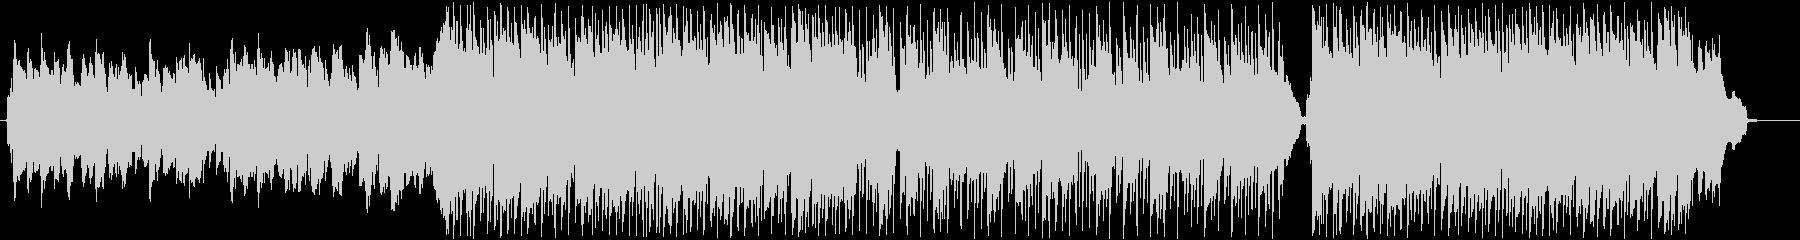 ほのぼのとした行進曲BGMの未再生の波形